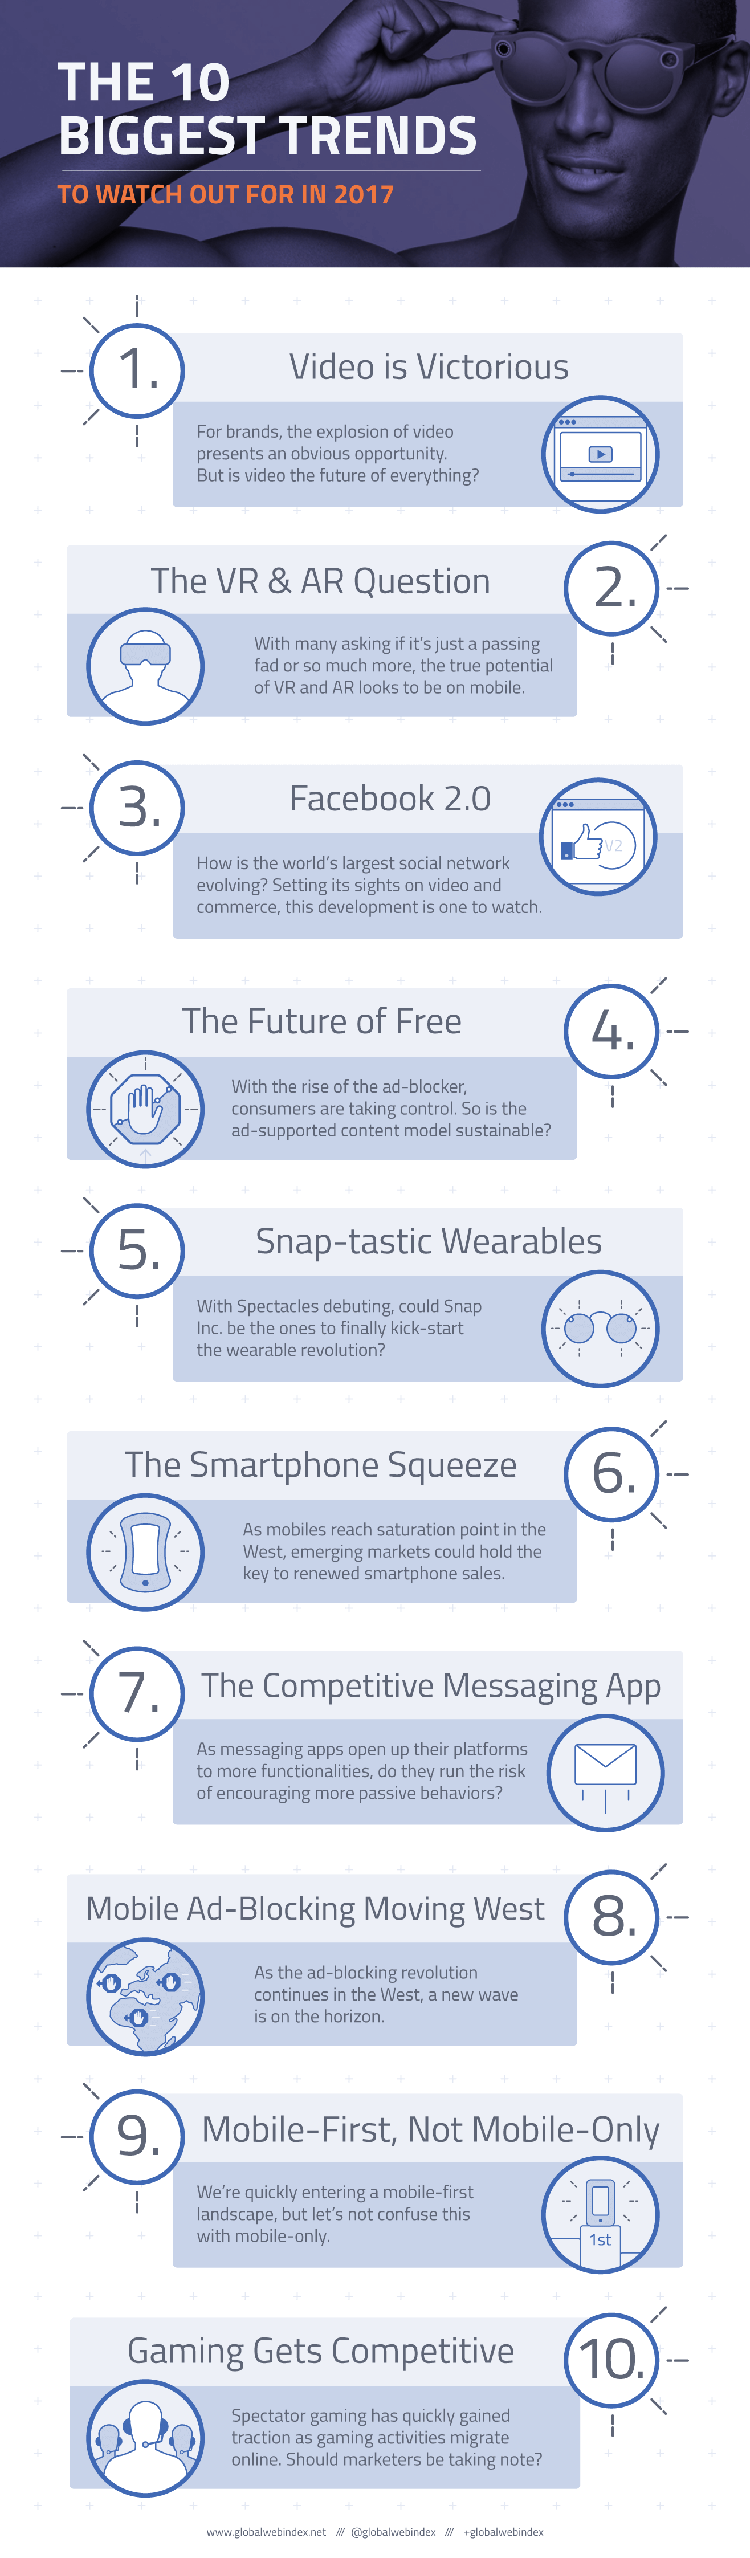 Top 10 Media Trends 2017